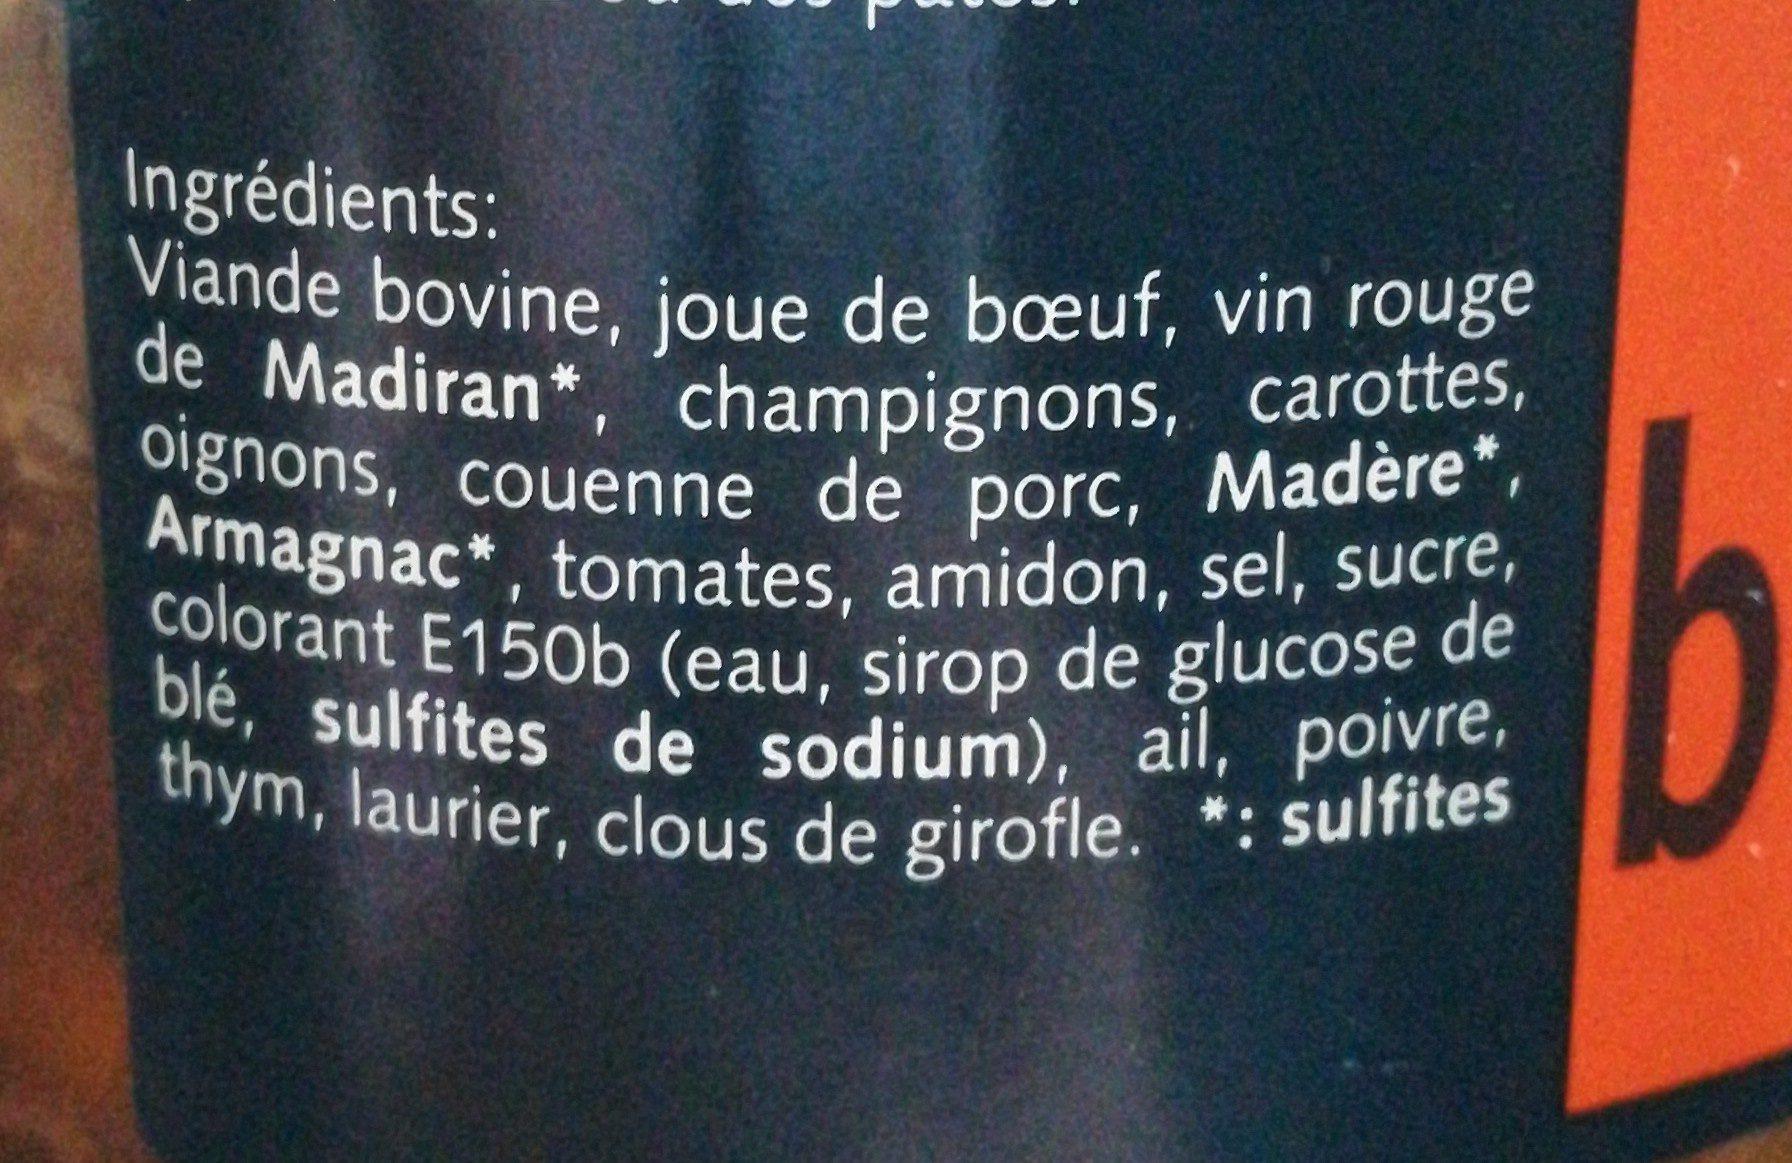 Daube béarnaise le bocal de 720 g - Ingrédients - fr